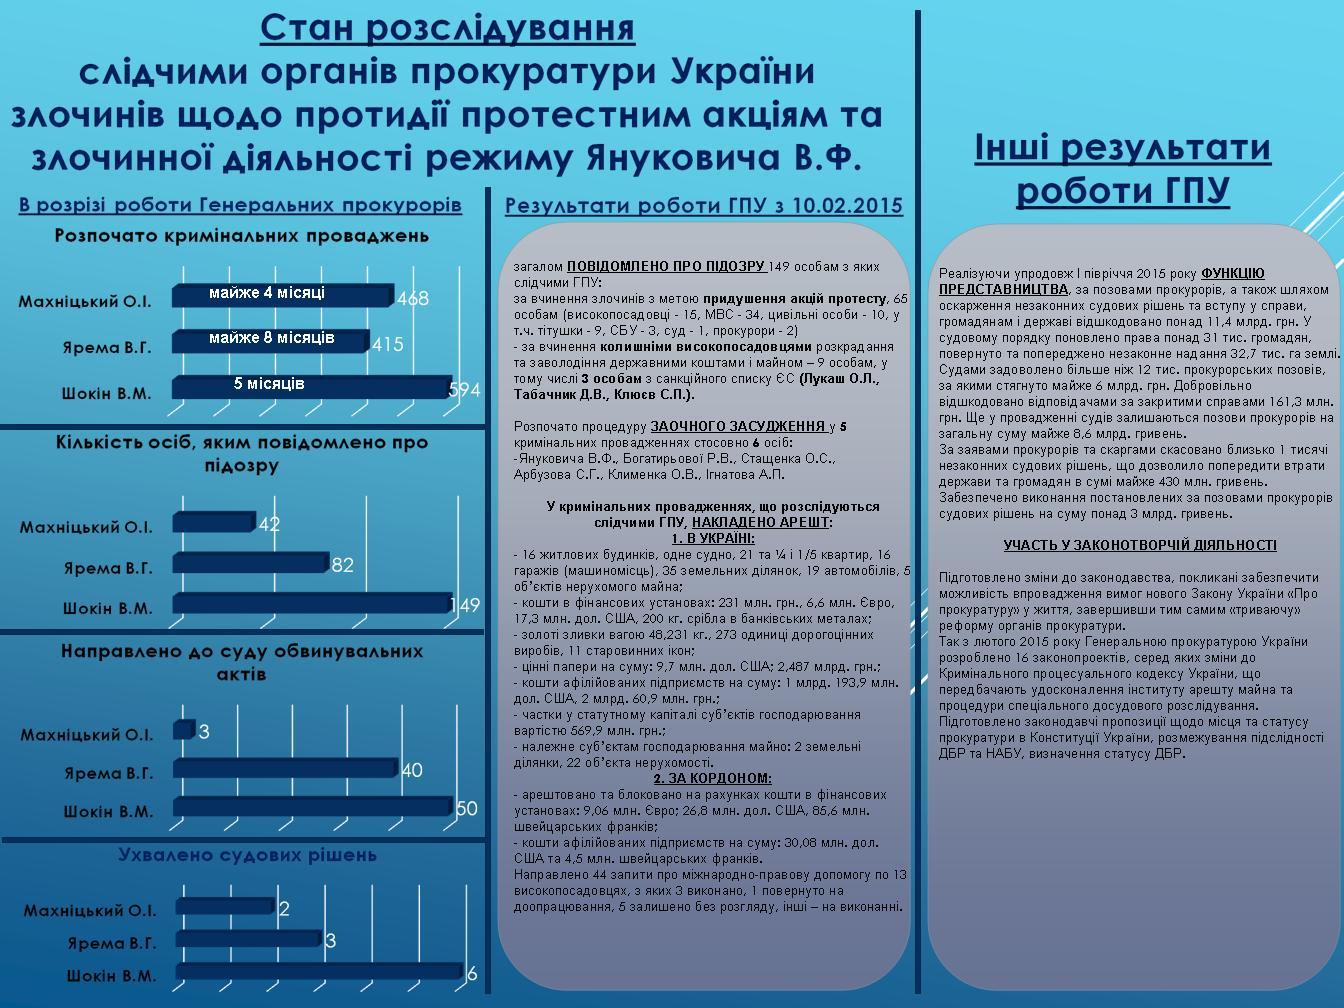 Майдан и преступления режима Януковича: отчет Генпрокуратуры